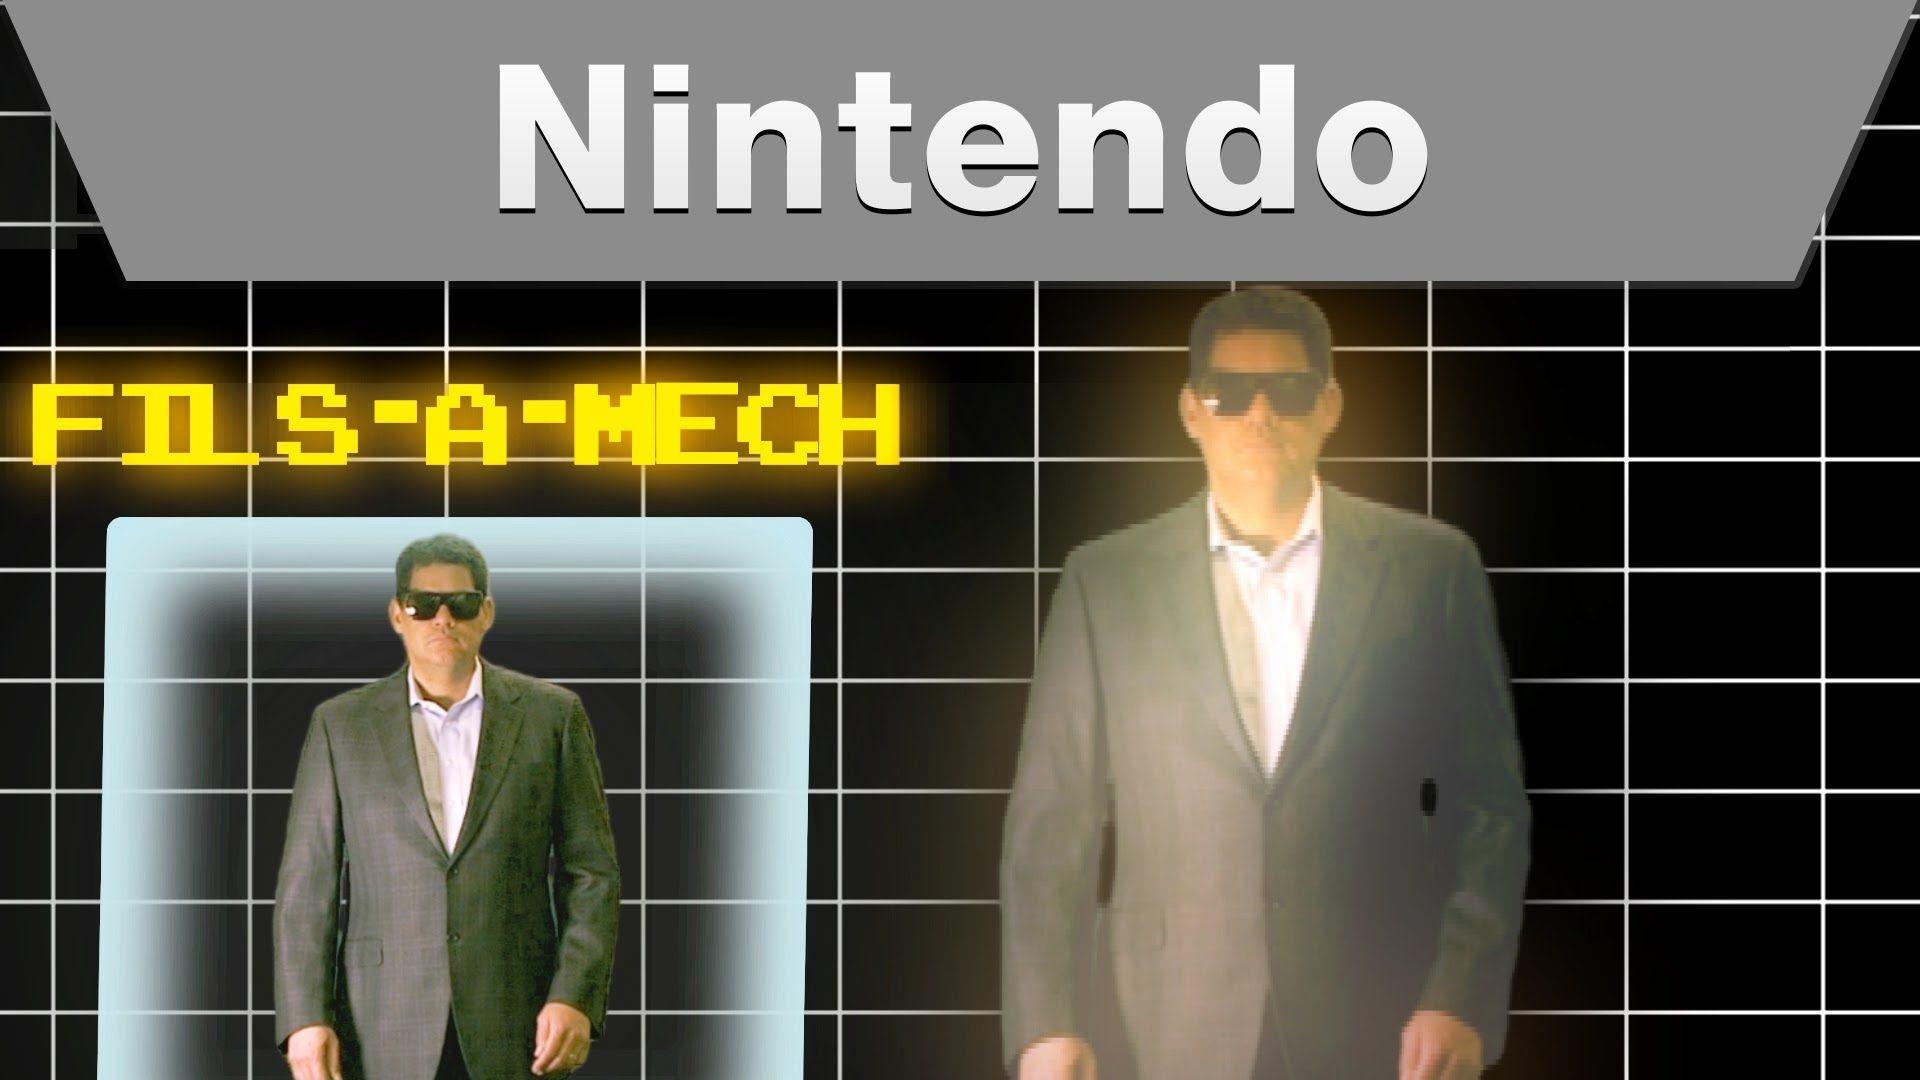 Play Nintendo - Announcing Nintendo @ E3 2014 (with the participation of mega64.com) - #E3 #3DS #WiiU #FilsAMech (why nintendo fans are the best)